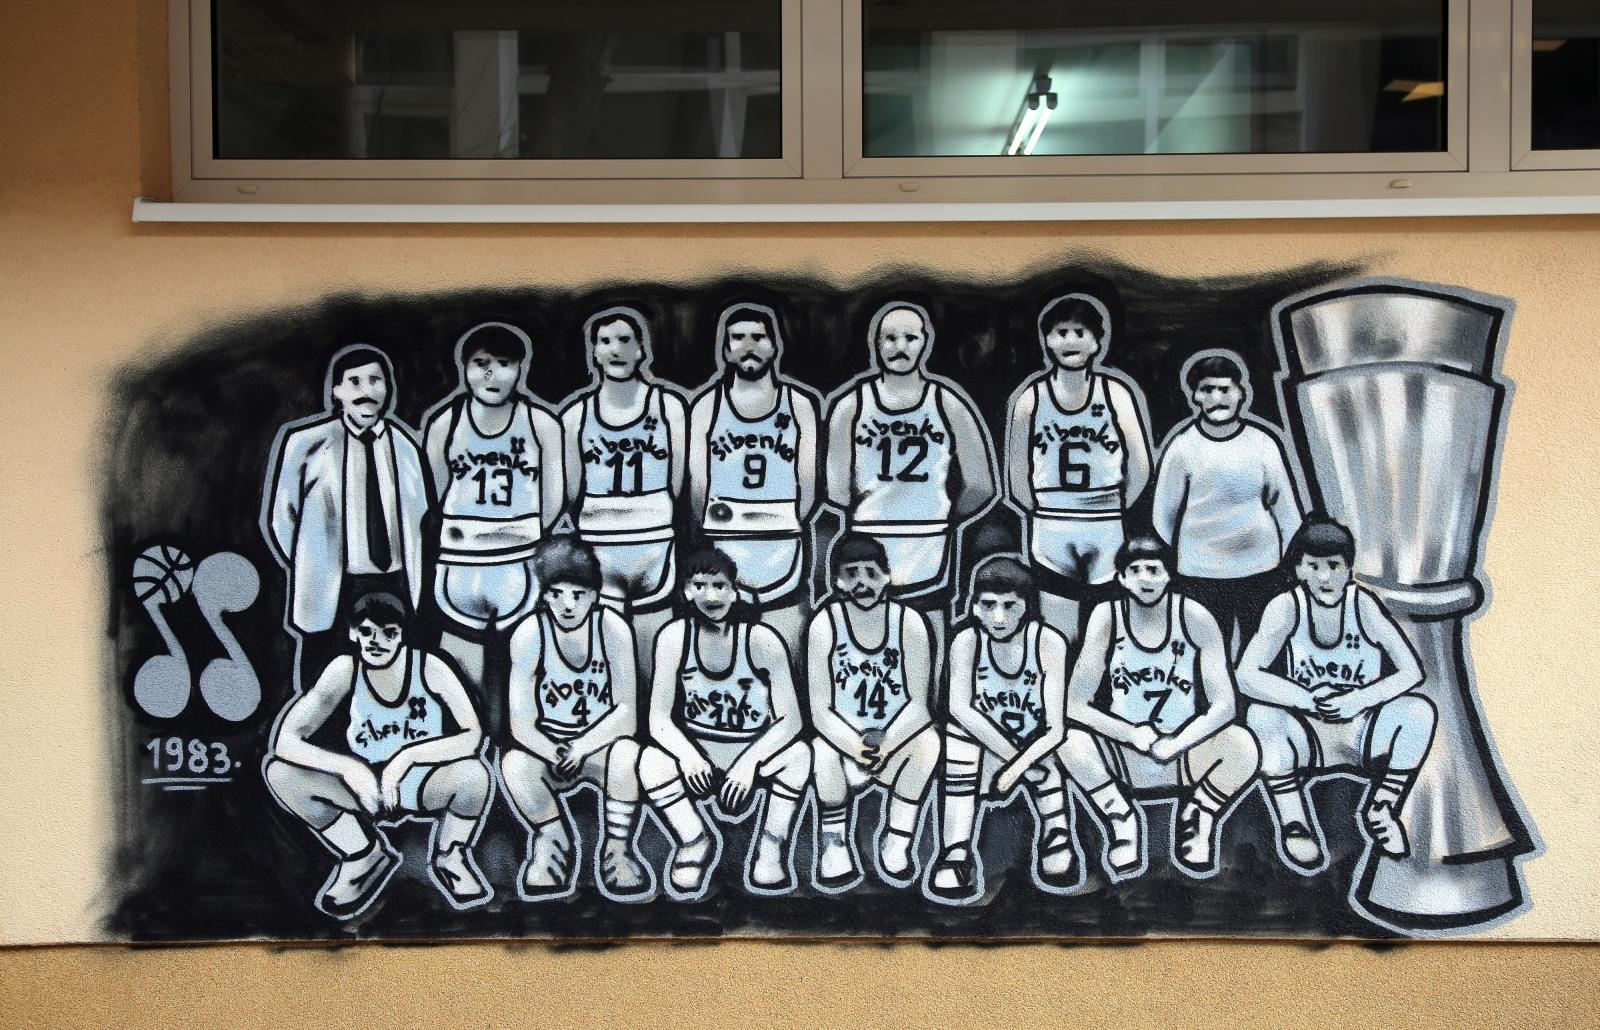 VIDEO: Šibenski funcuti novi grafit posvetili Draženu Petroviću i pobjedničkoj ekipi Šibenke